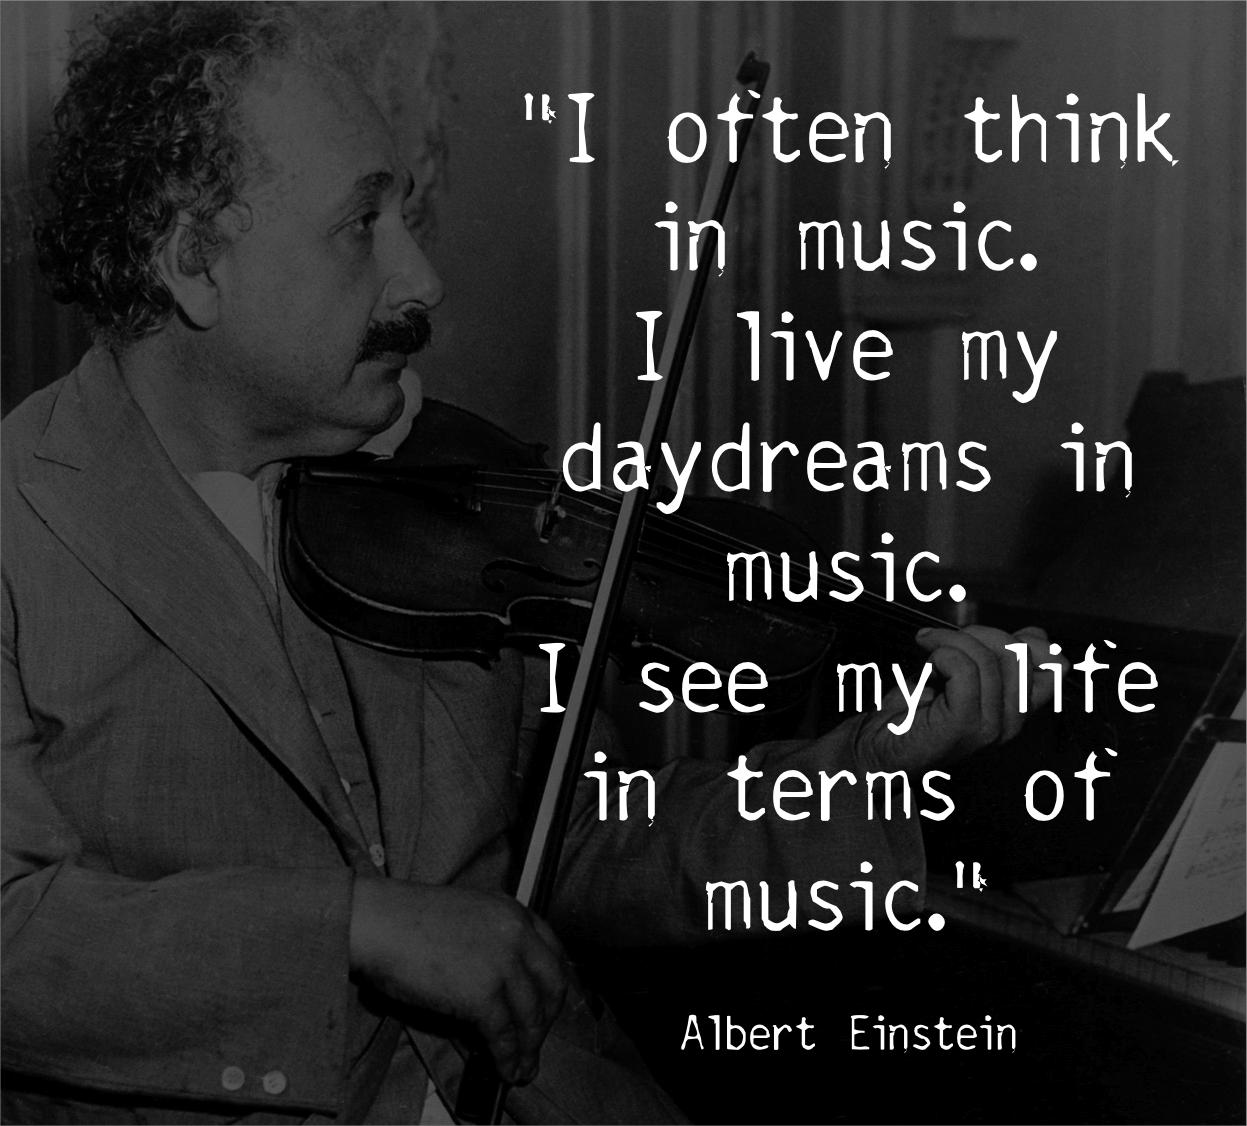 Albert Einstein Quotes About Music